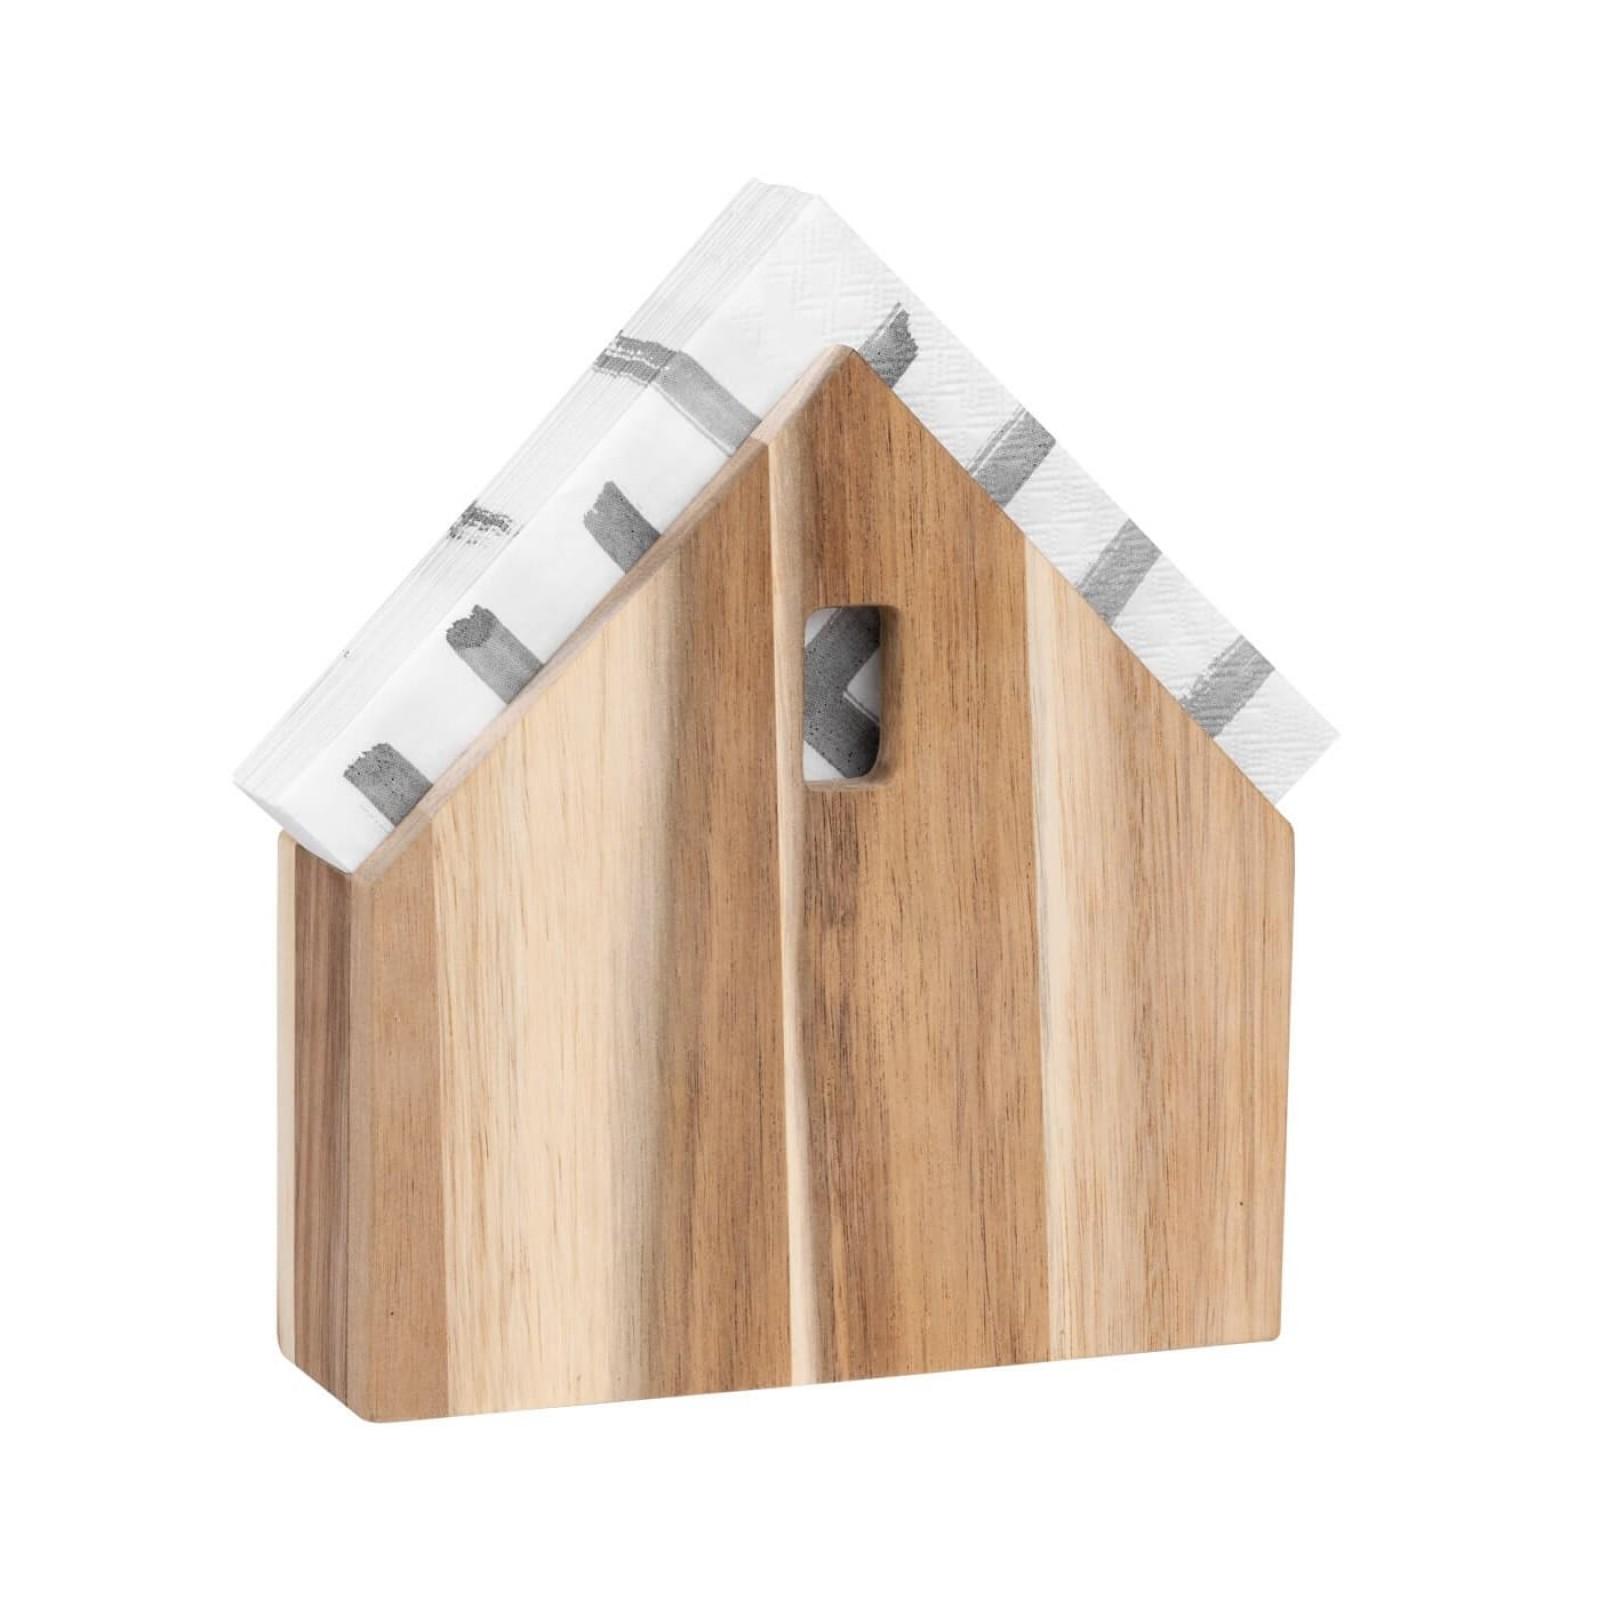 House Napkin Holder (Small) - Raeder